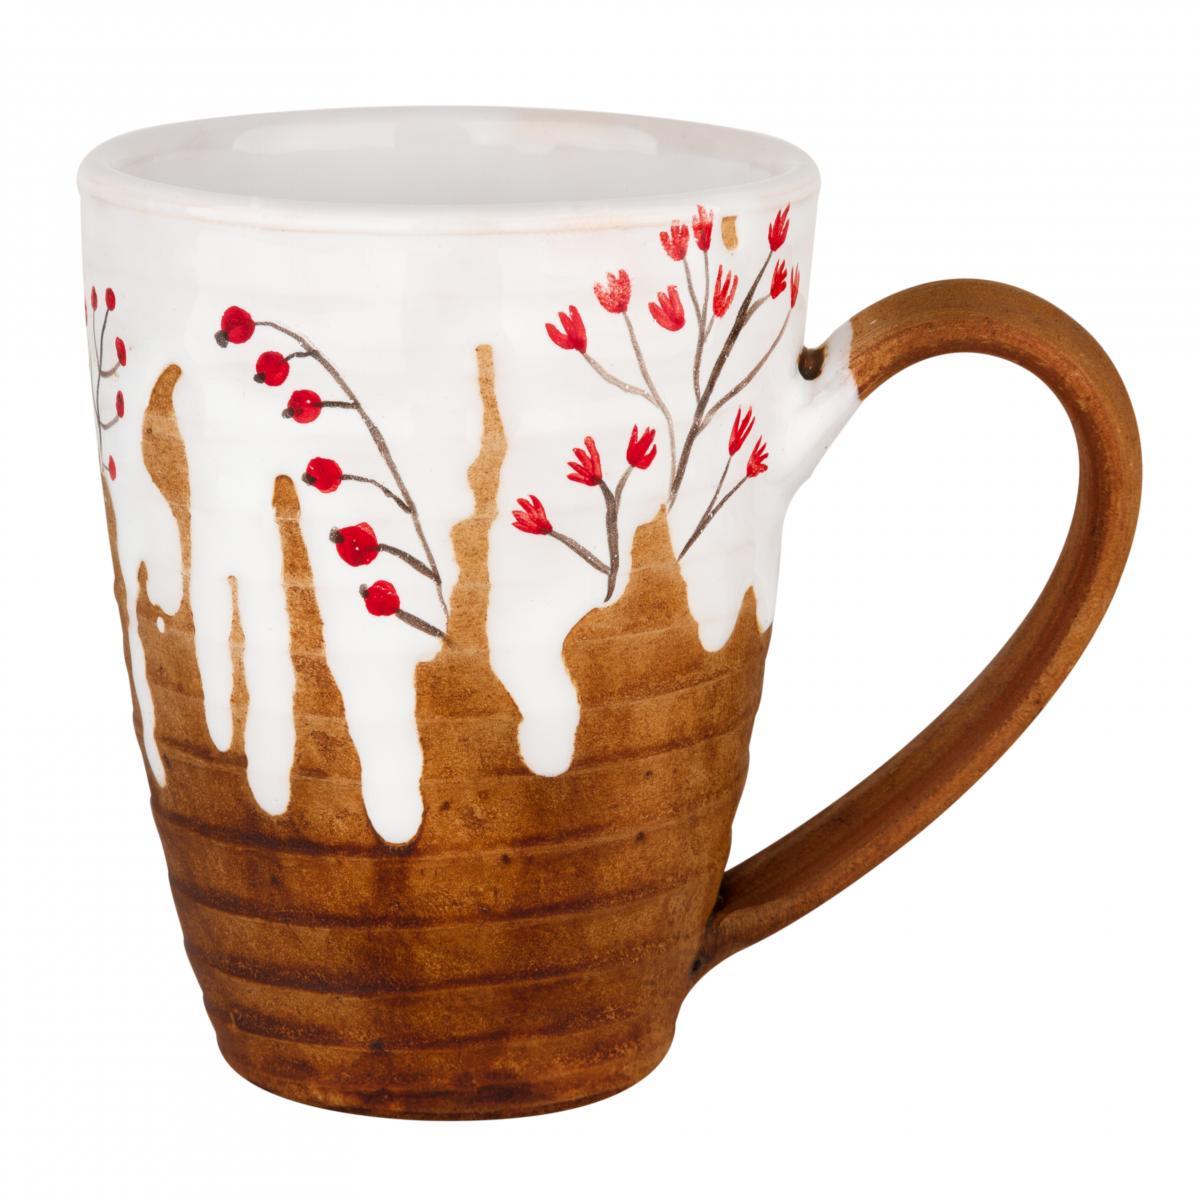 Чашка с красными цветами. Фото №1. | Народный дом Украина